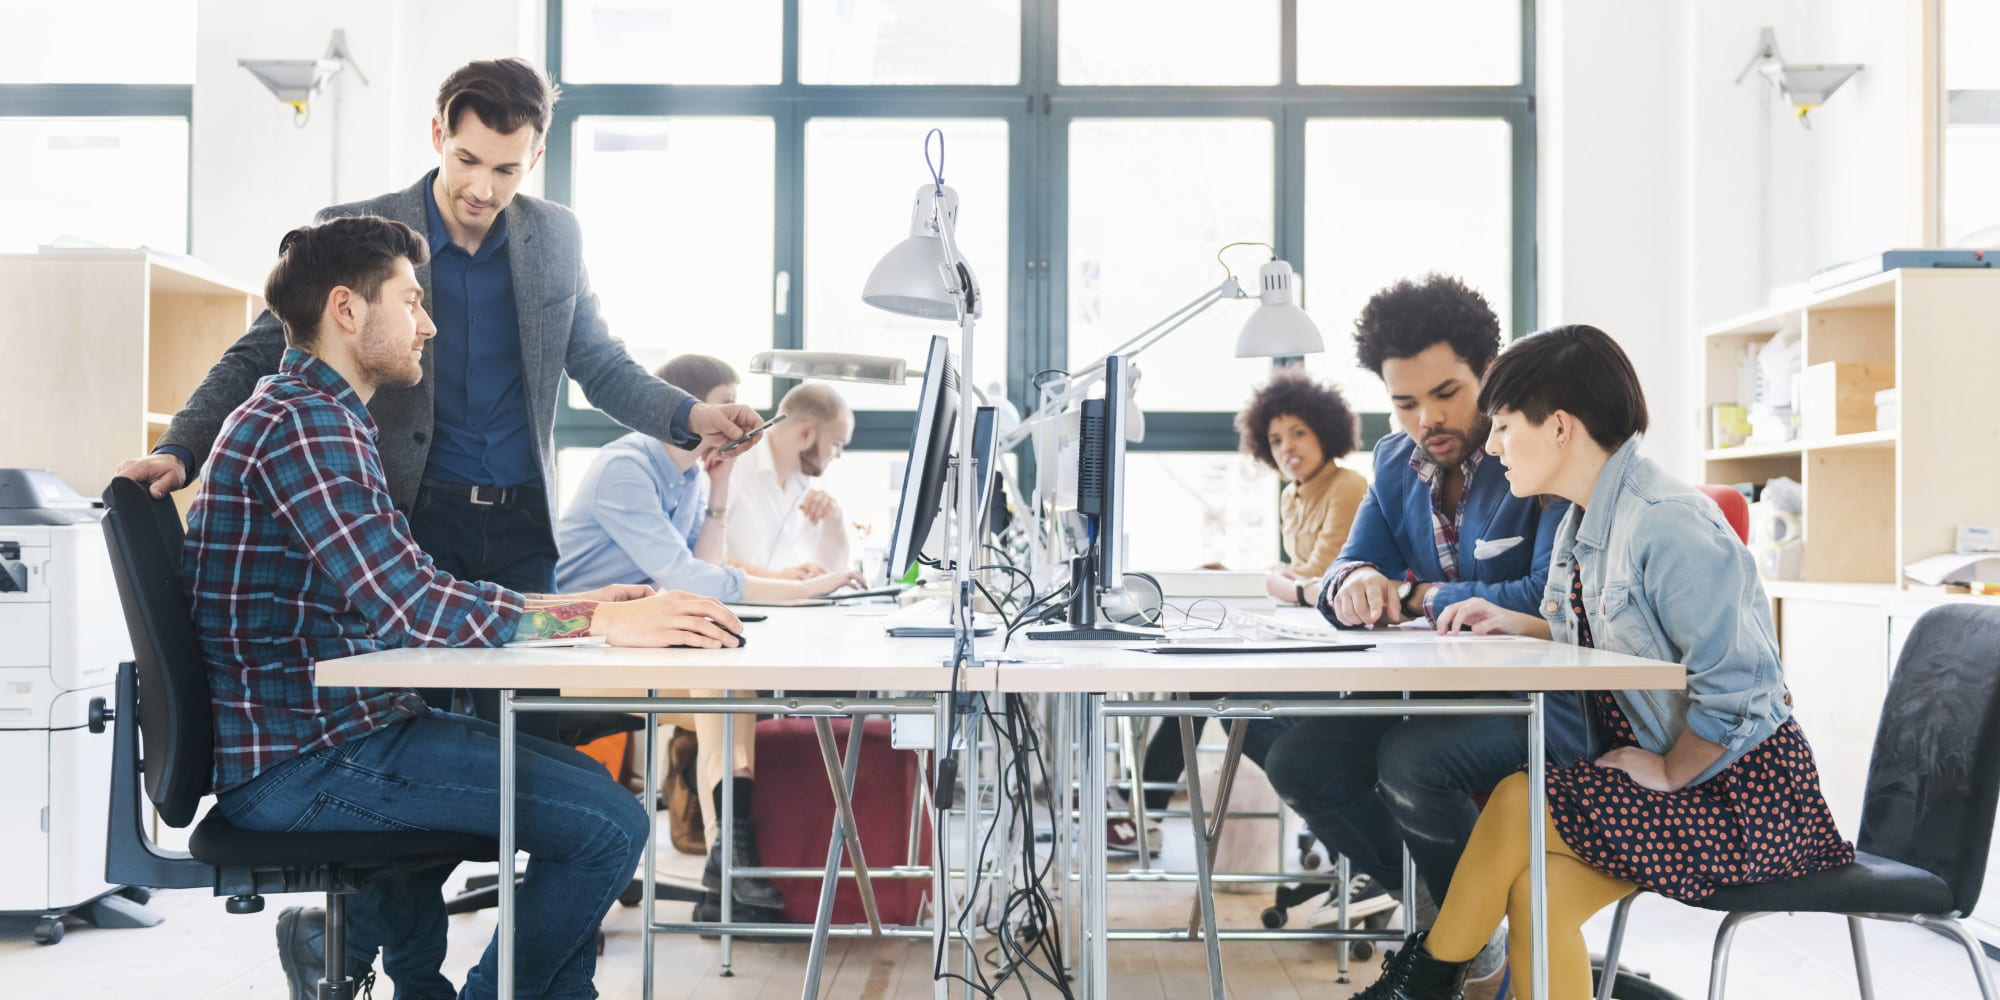 Comment injecter une mentalité de startup dans des gouvernements bureaucratiques